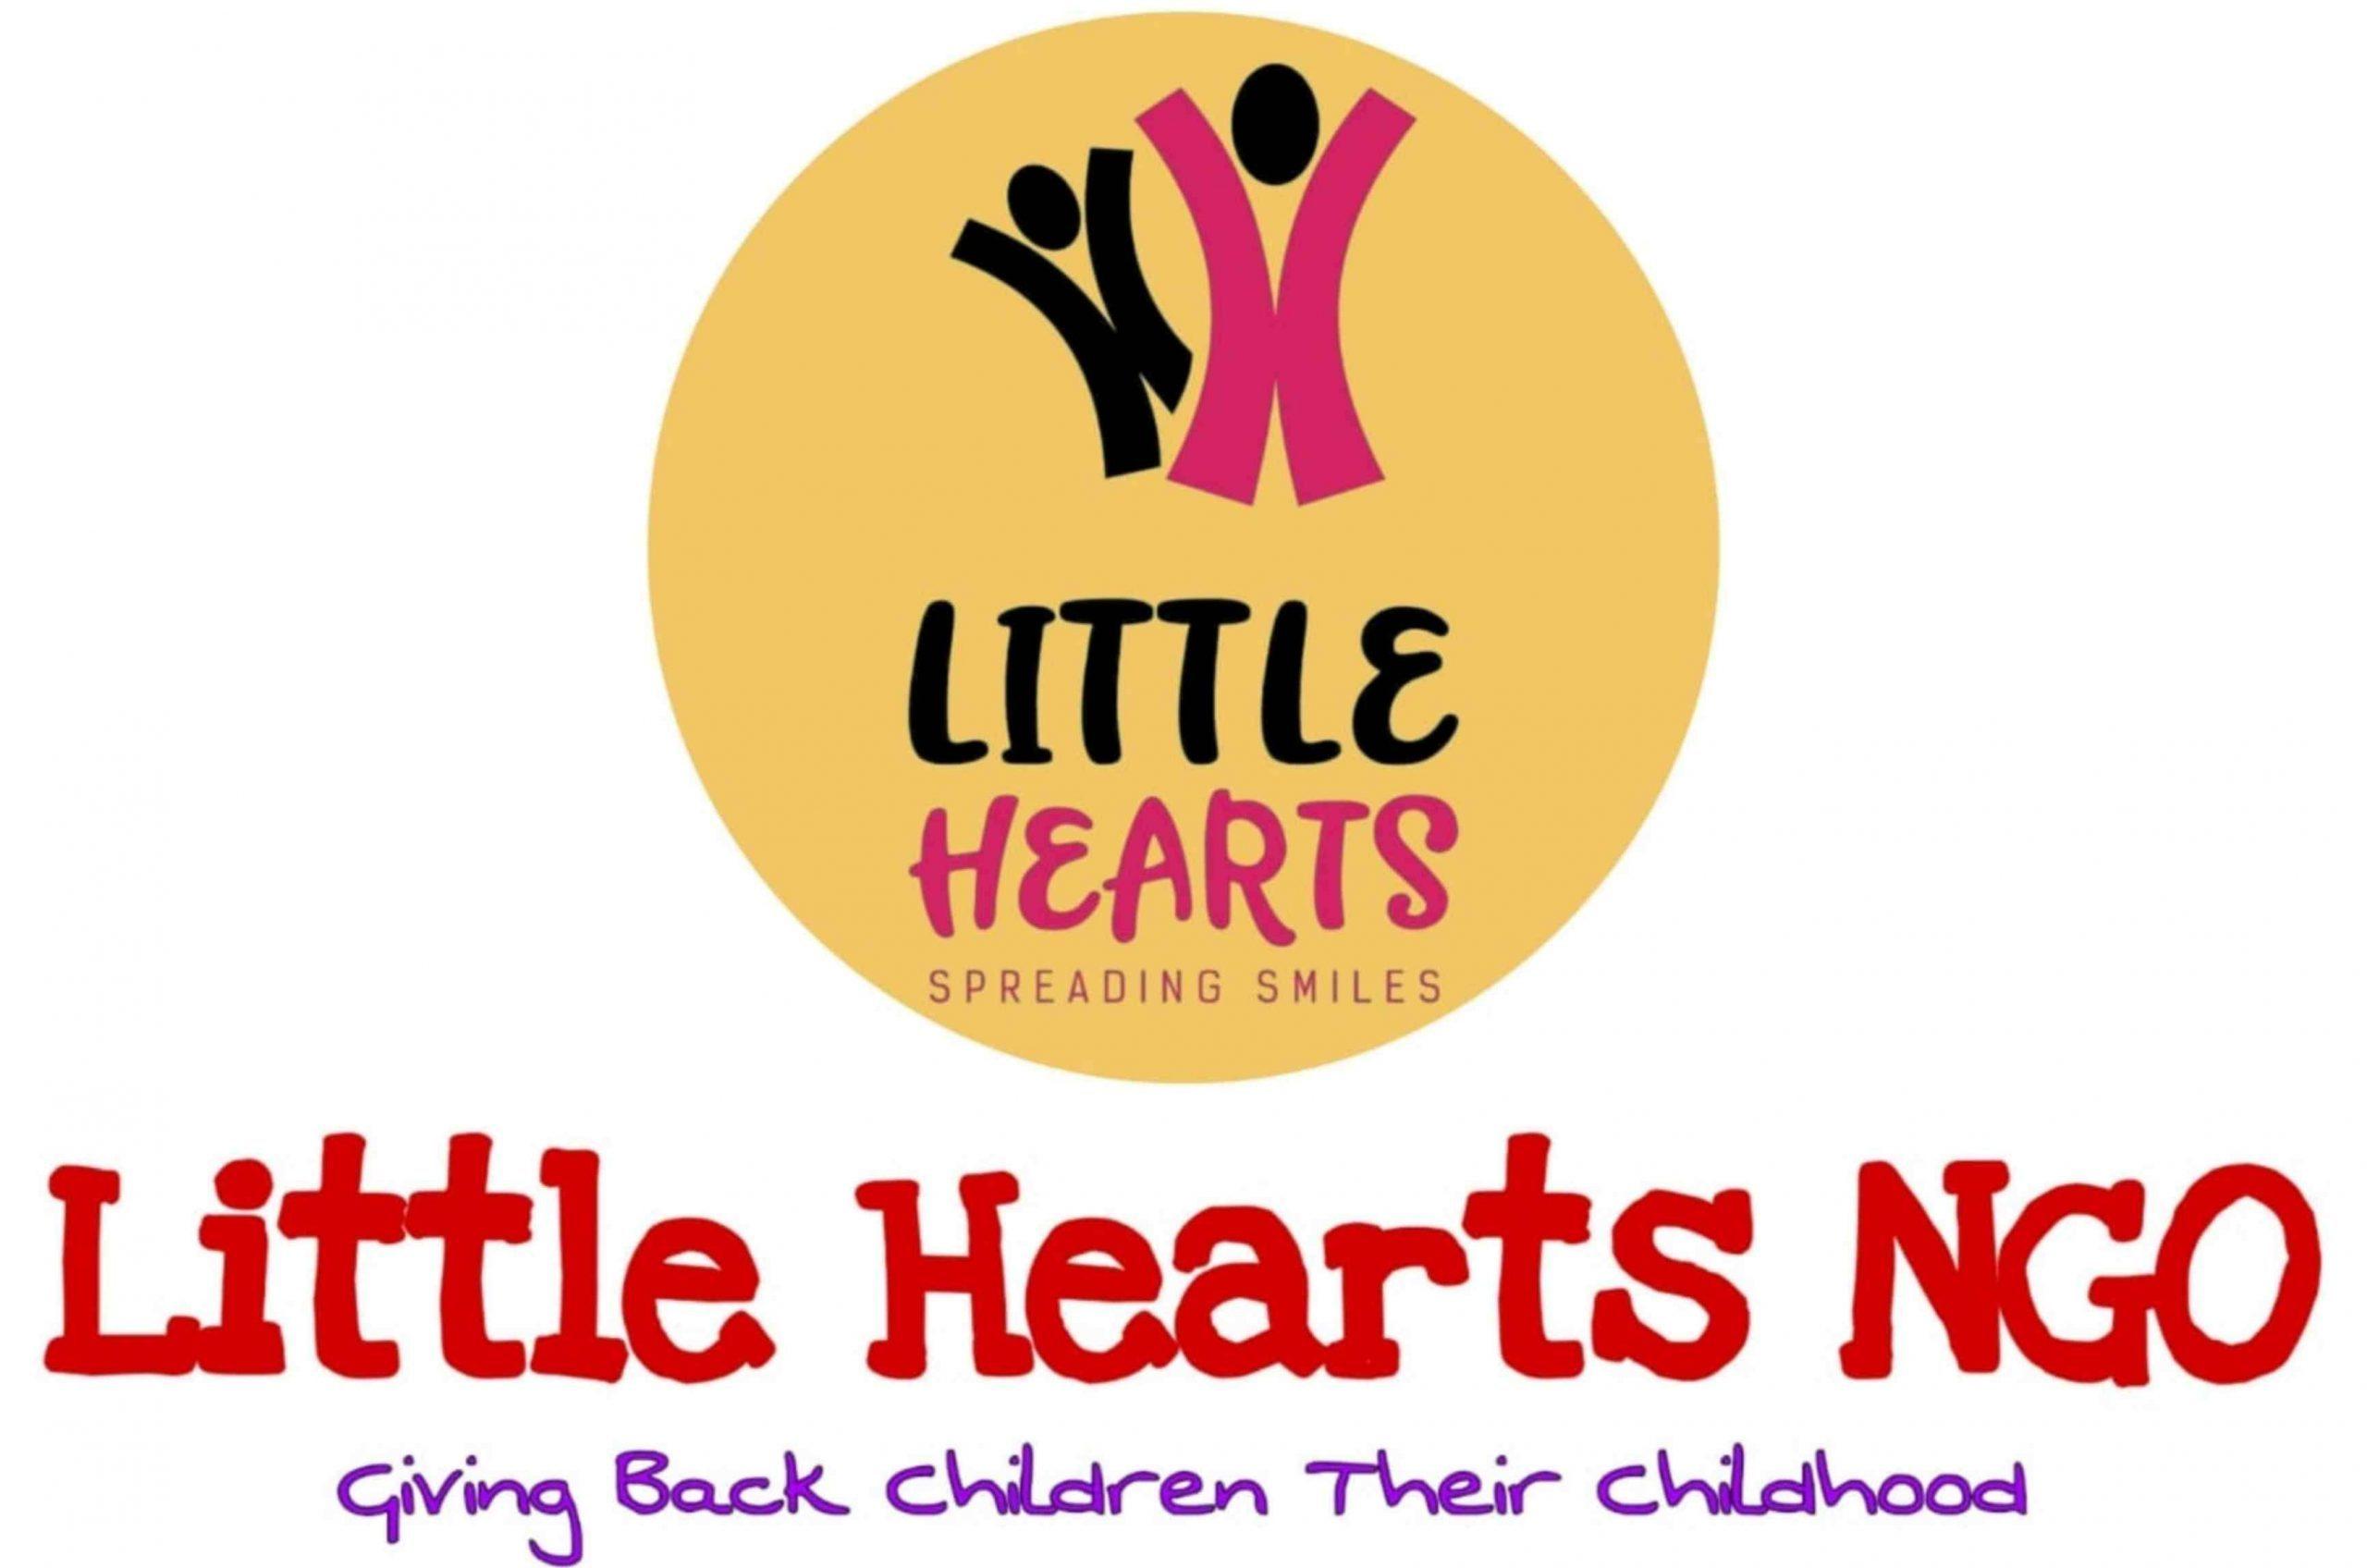 Little Hearts NGO